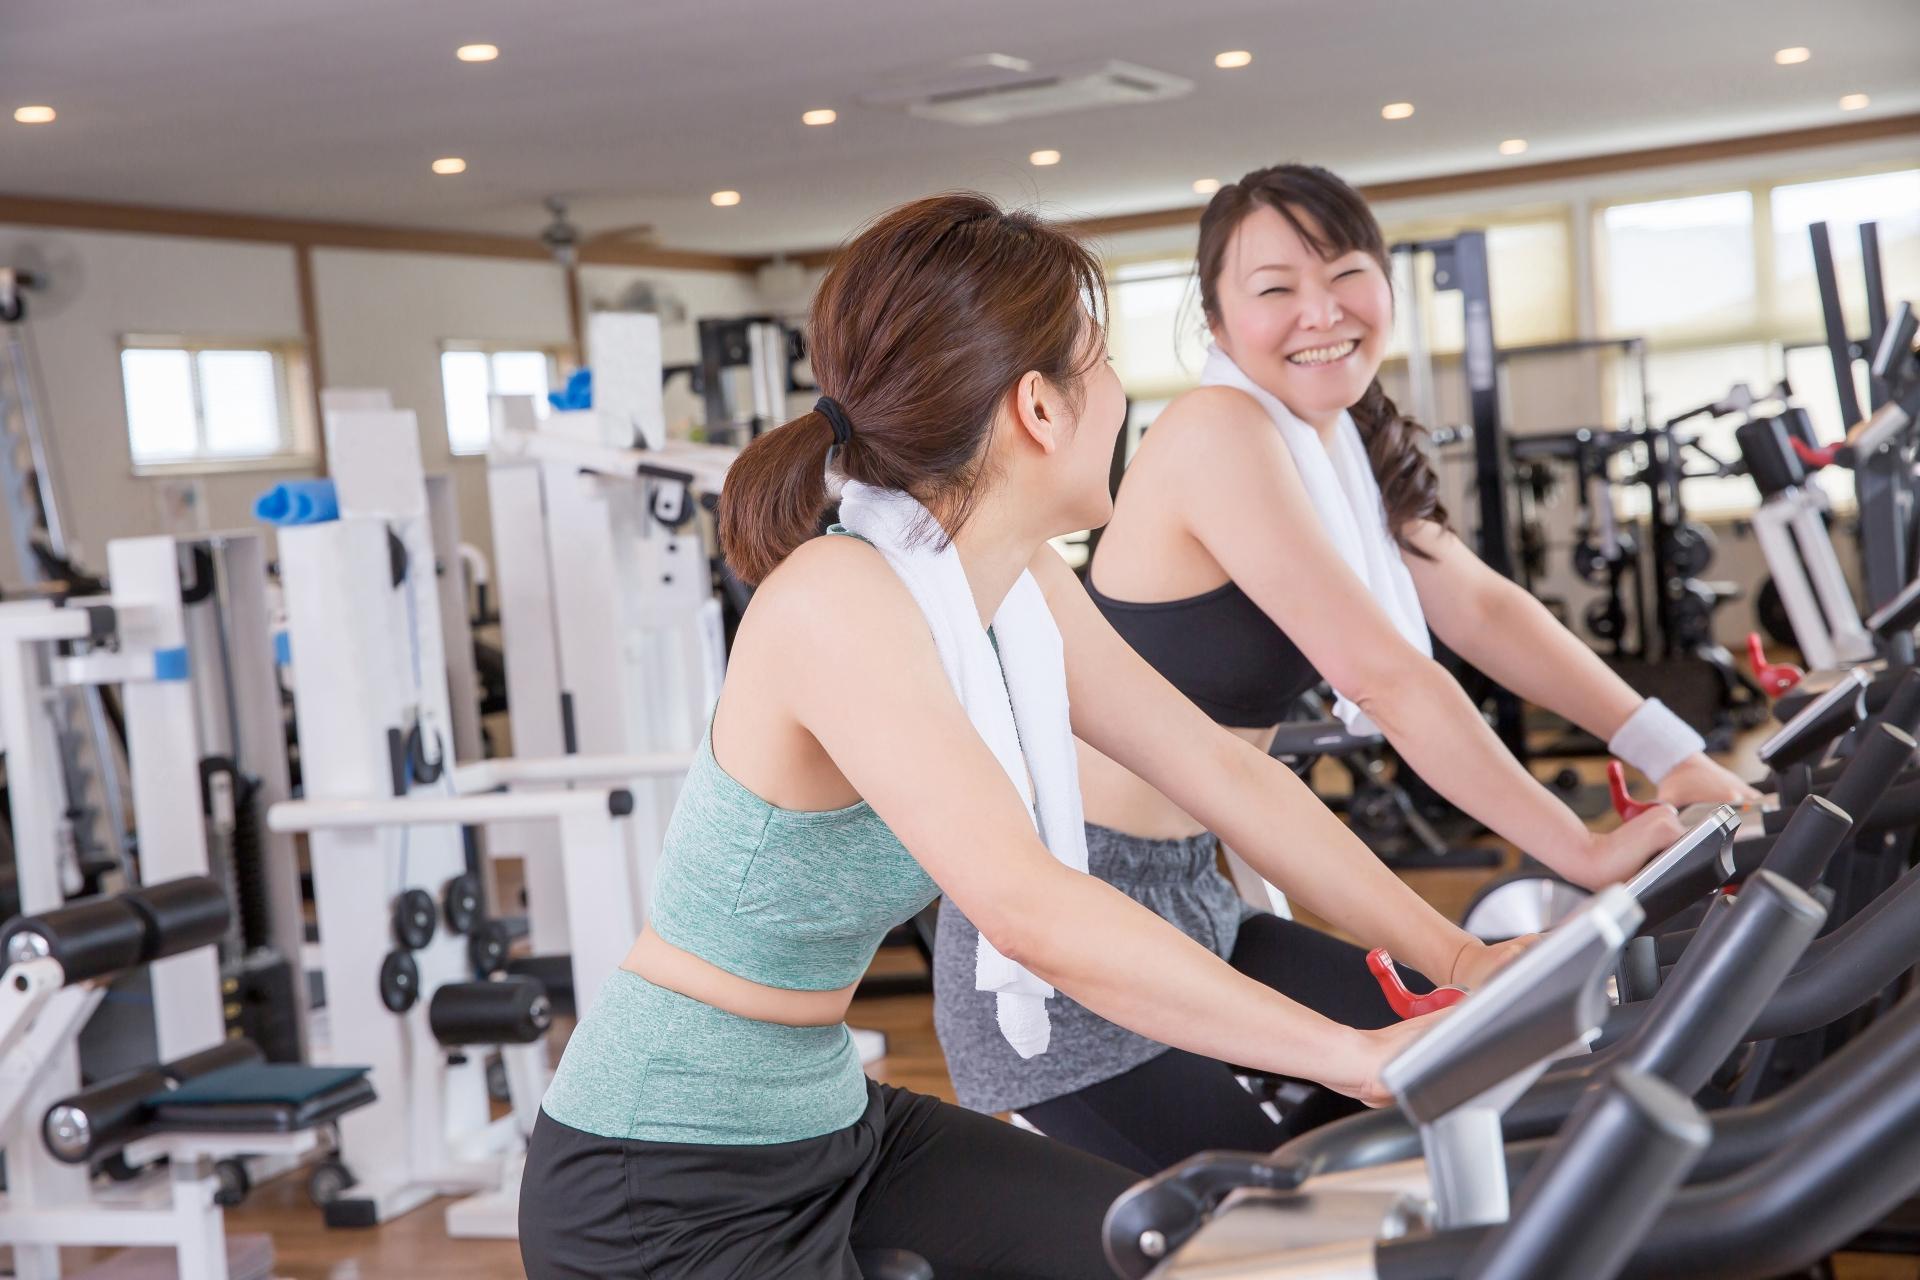 水分摂取によって、運動パフォーマンスを上げることができます